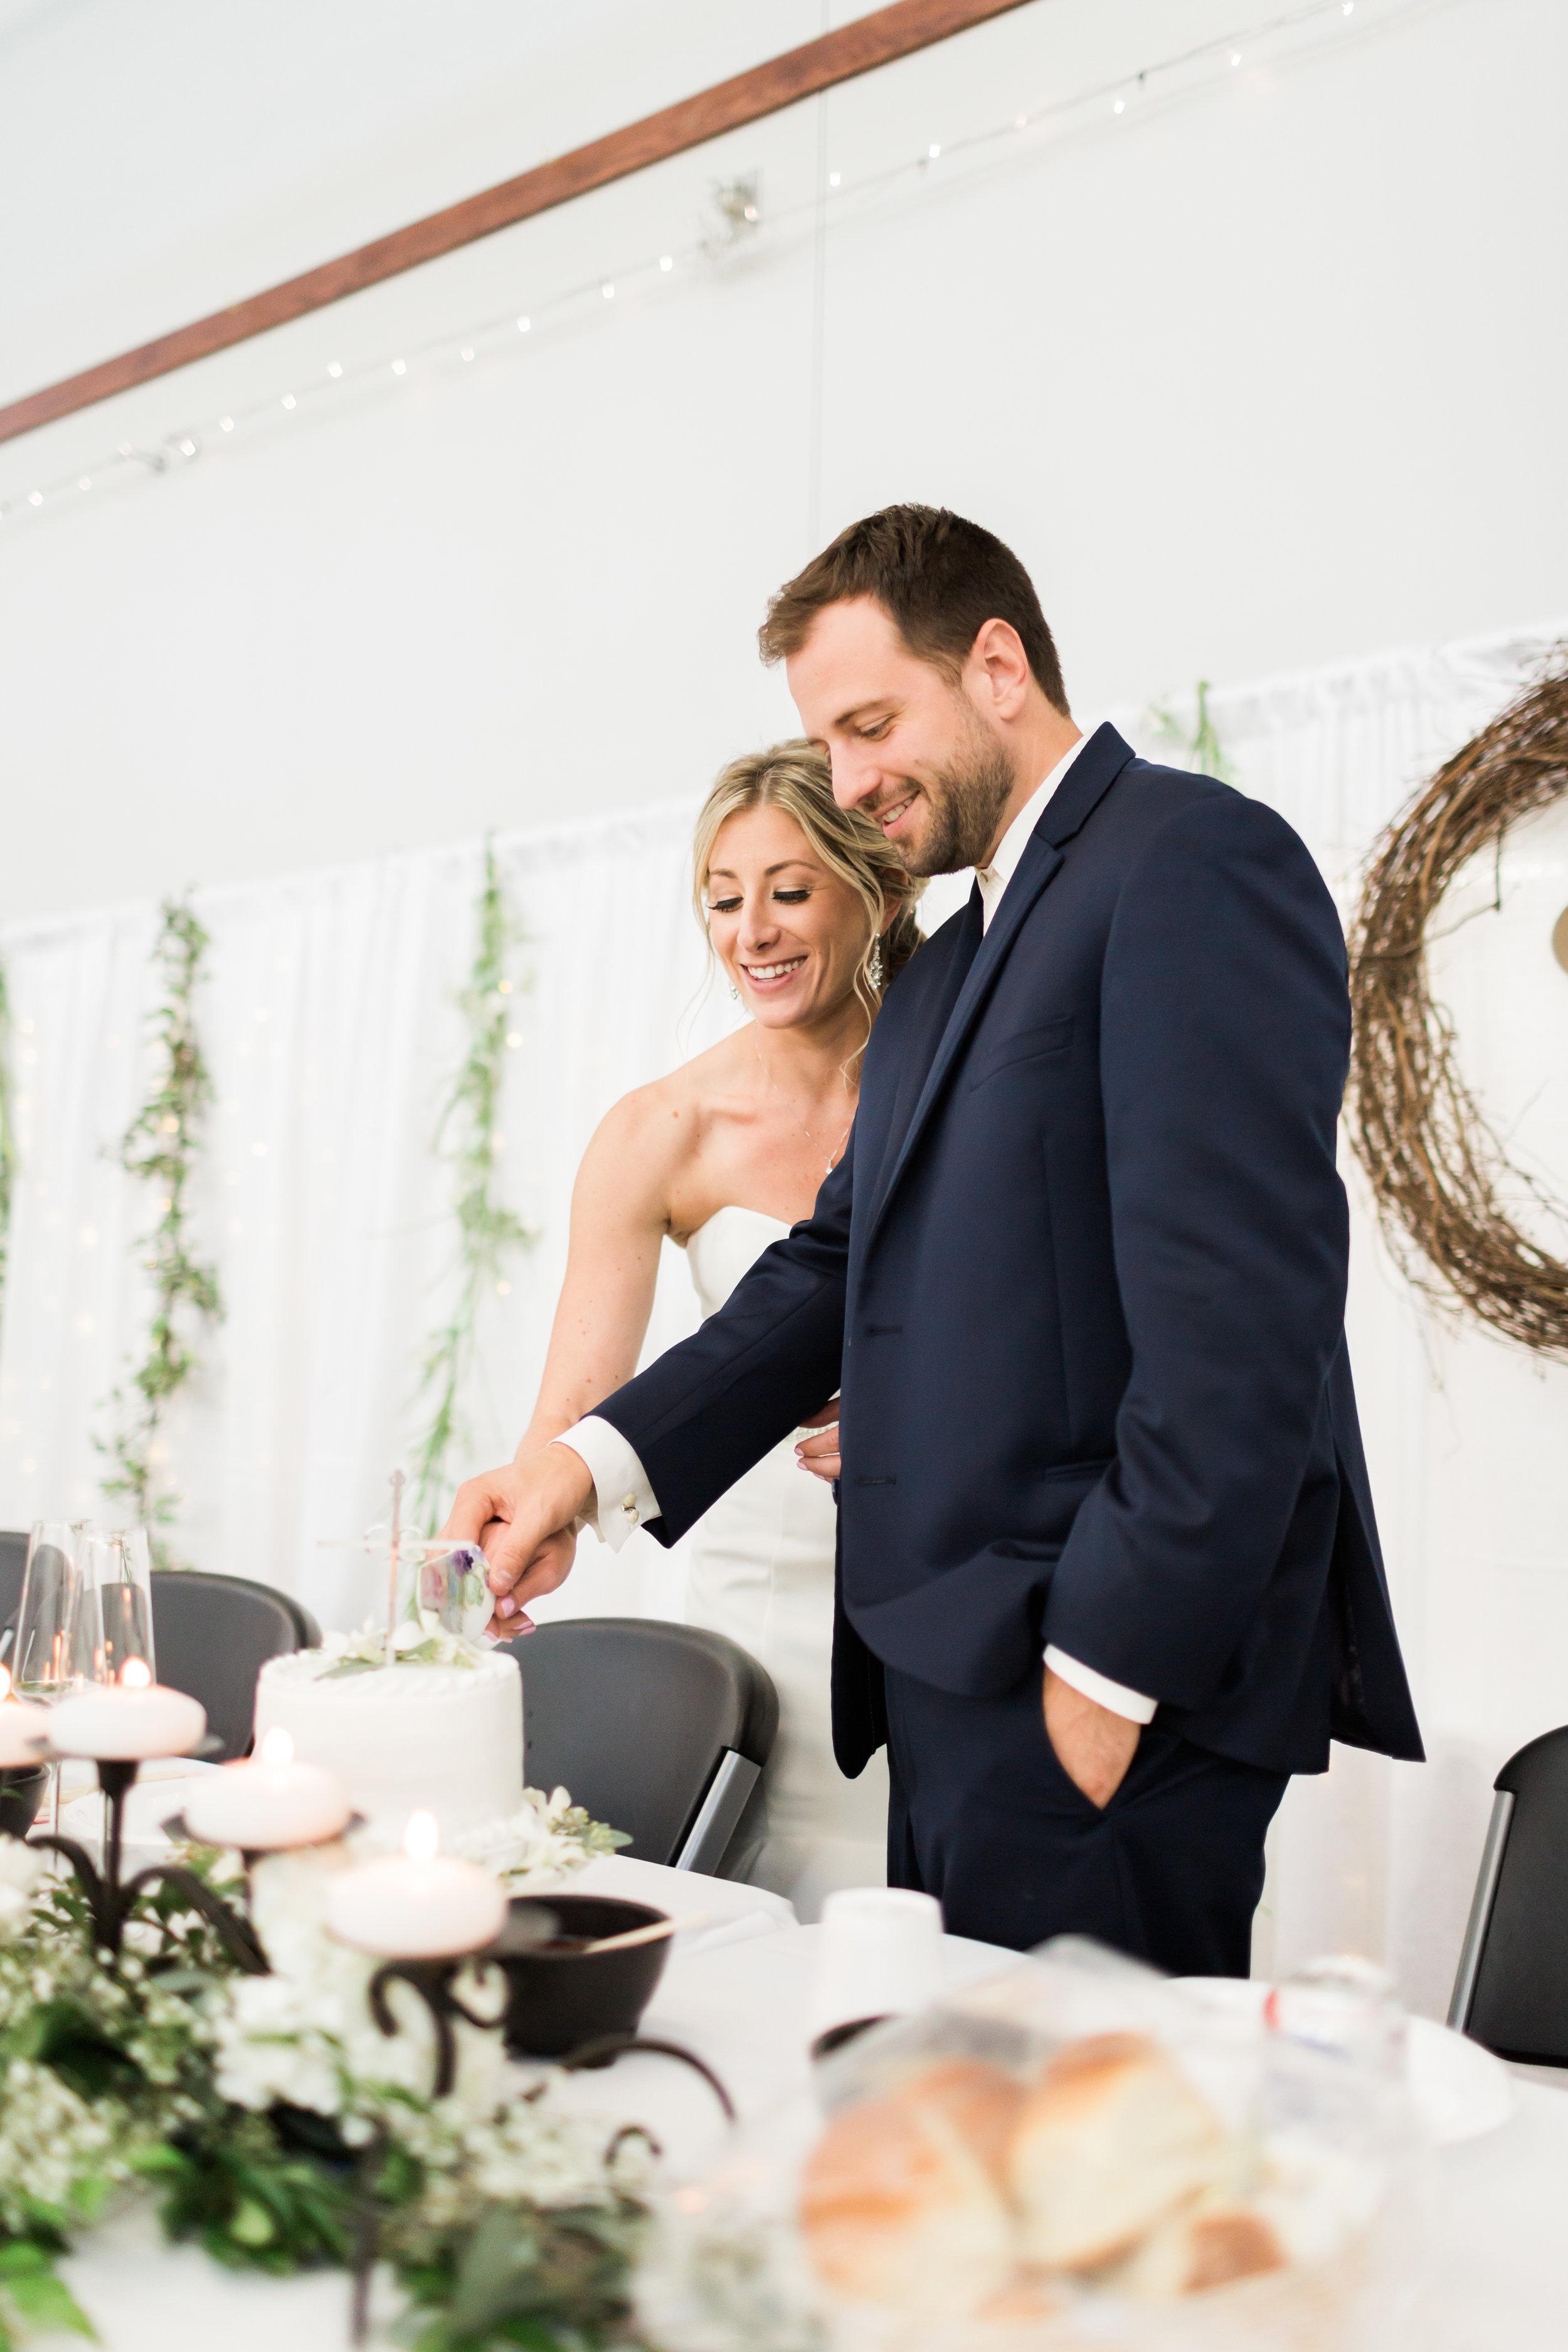 heartfeltcentraliowawedding-76.jpg